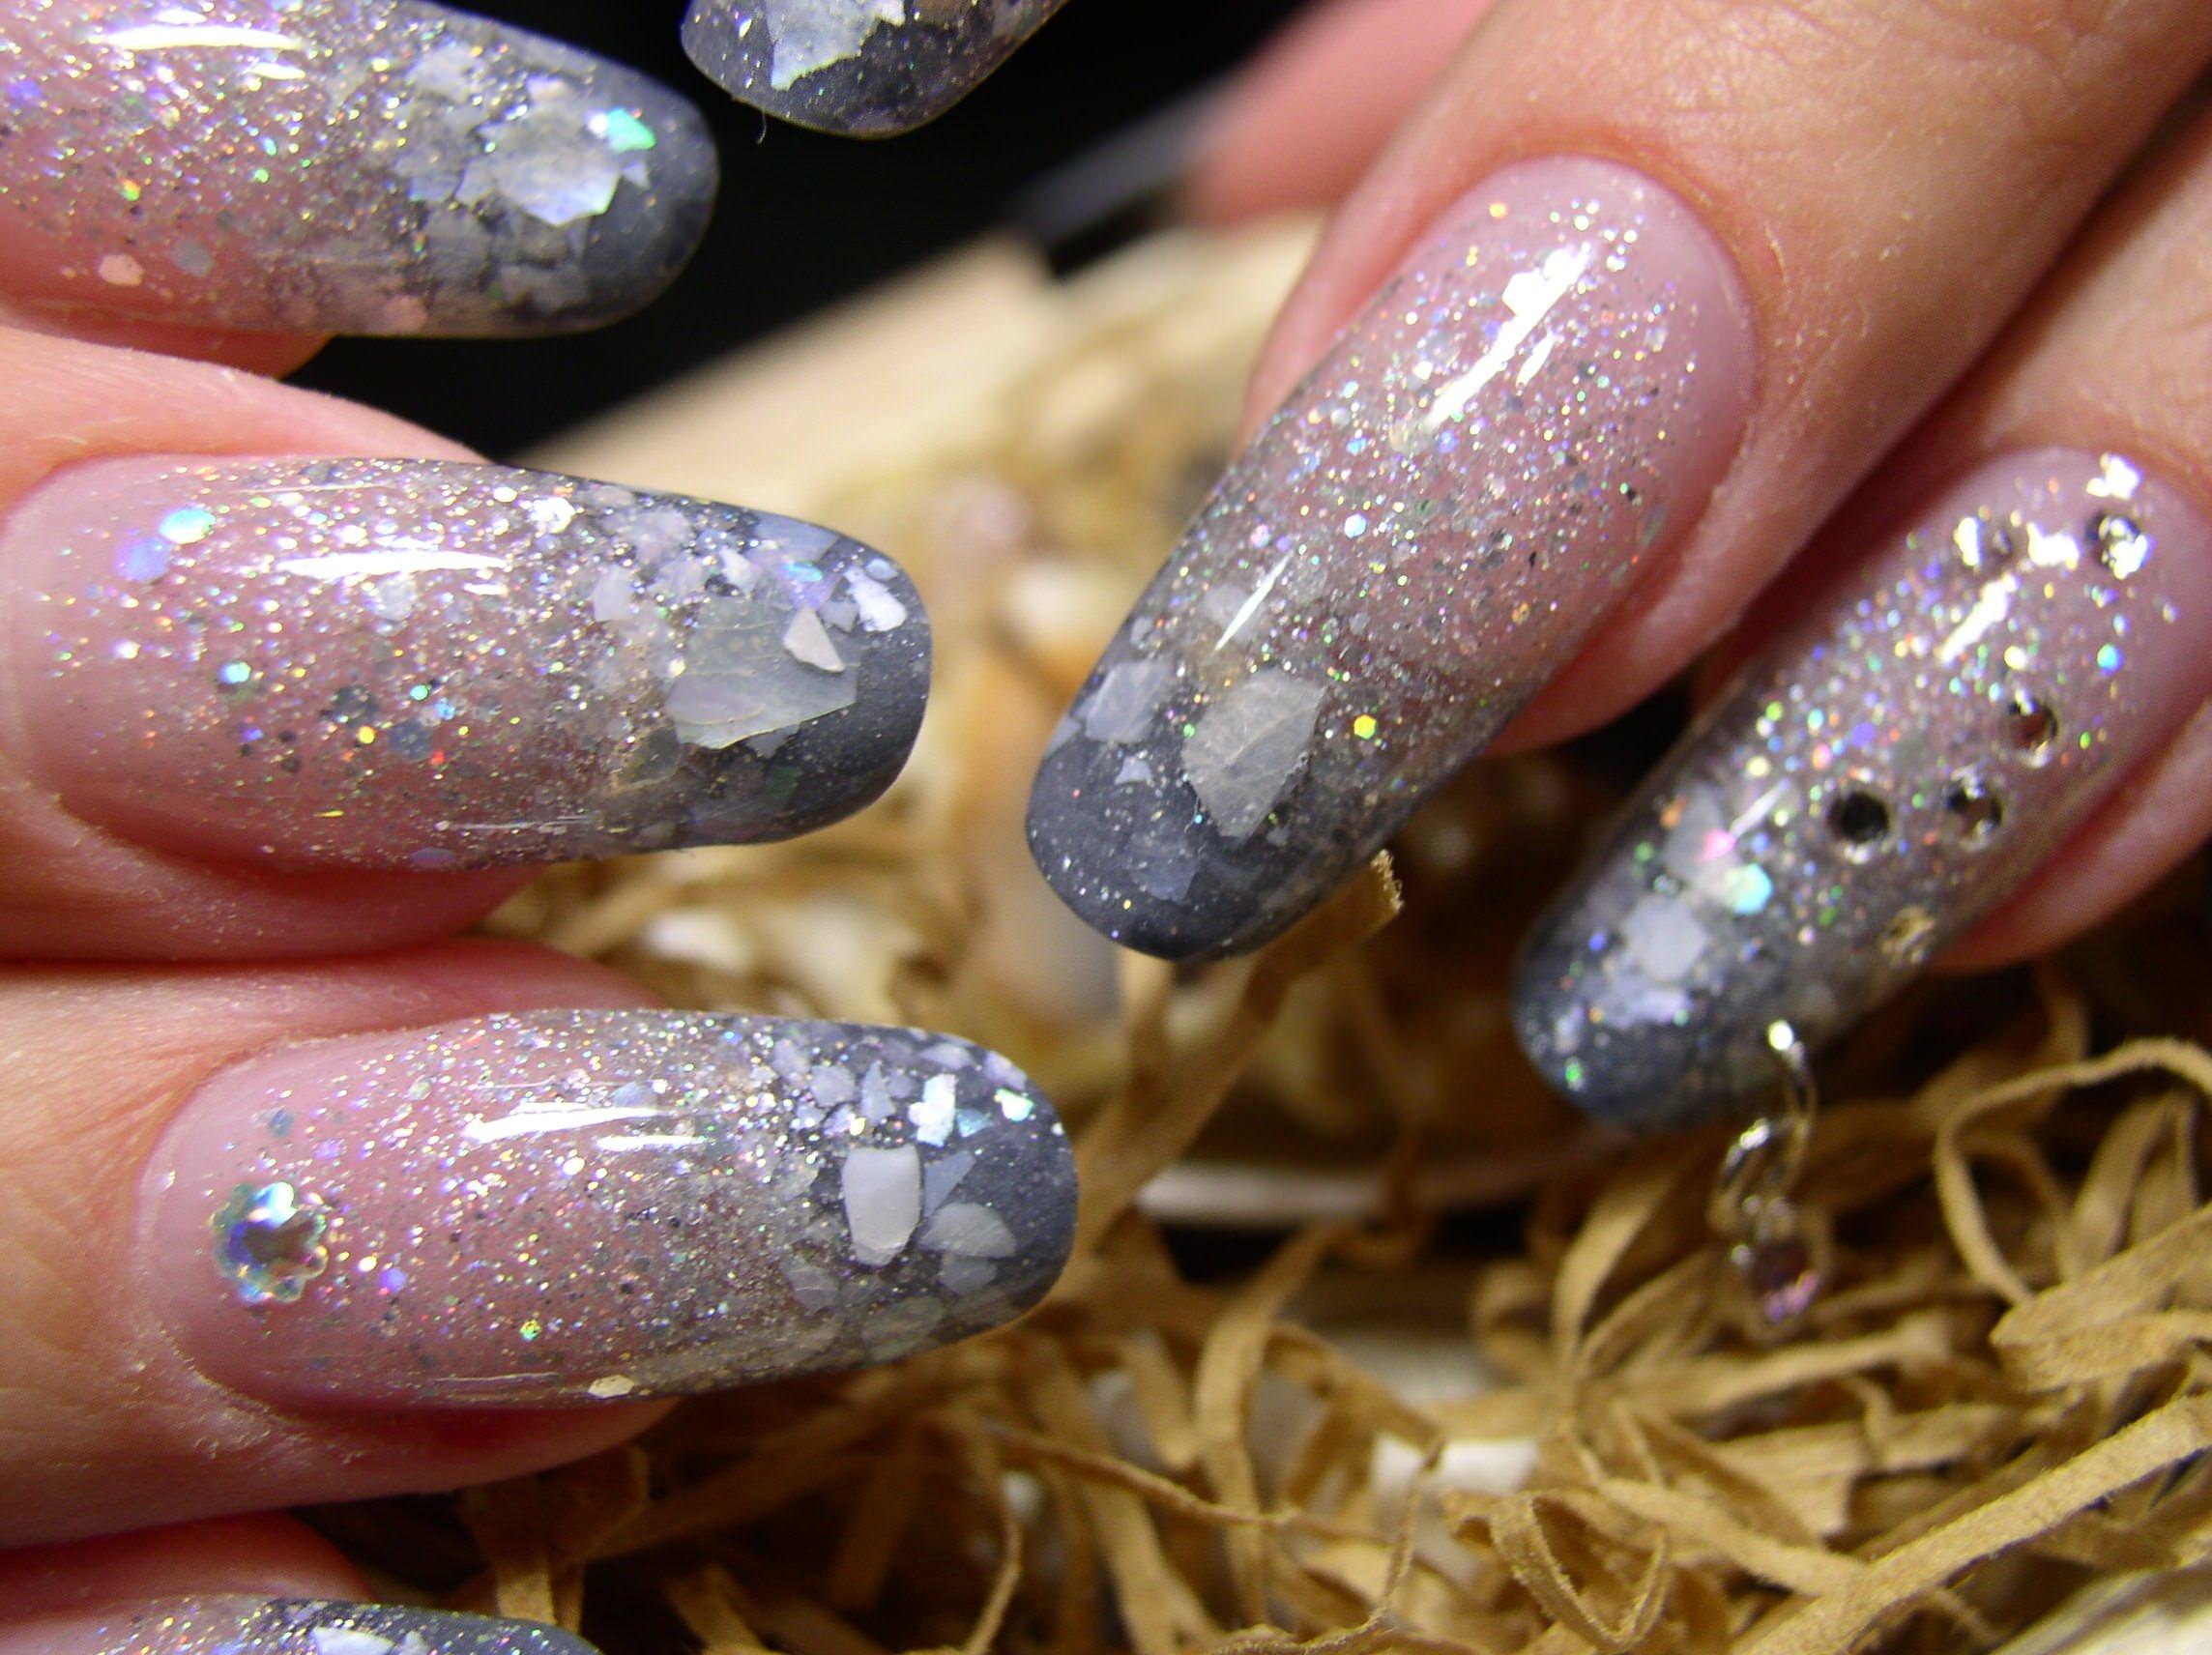 New! арочное моделирование наращивание ногтей гелем 99 фото